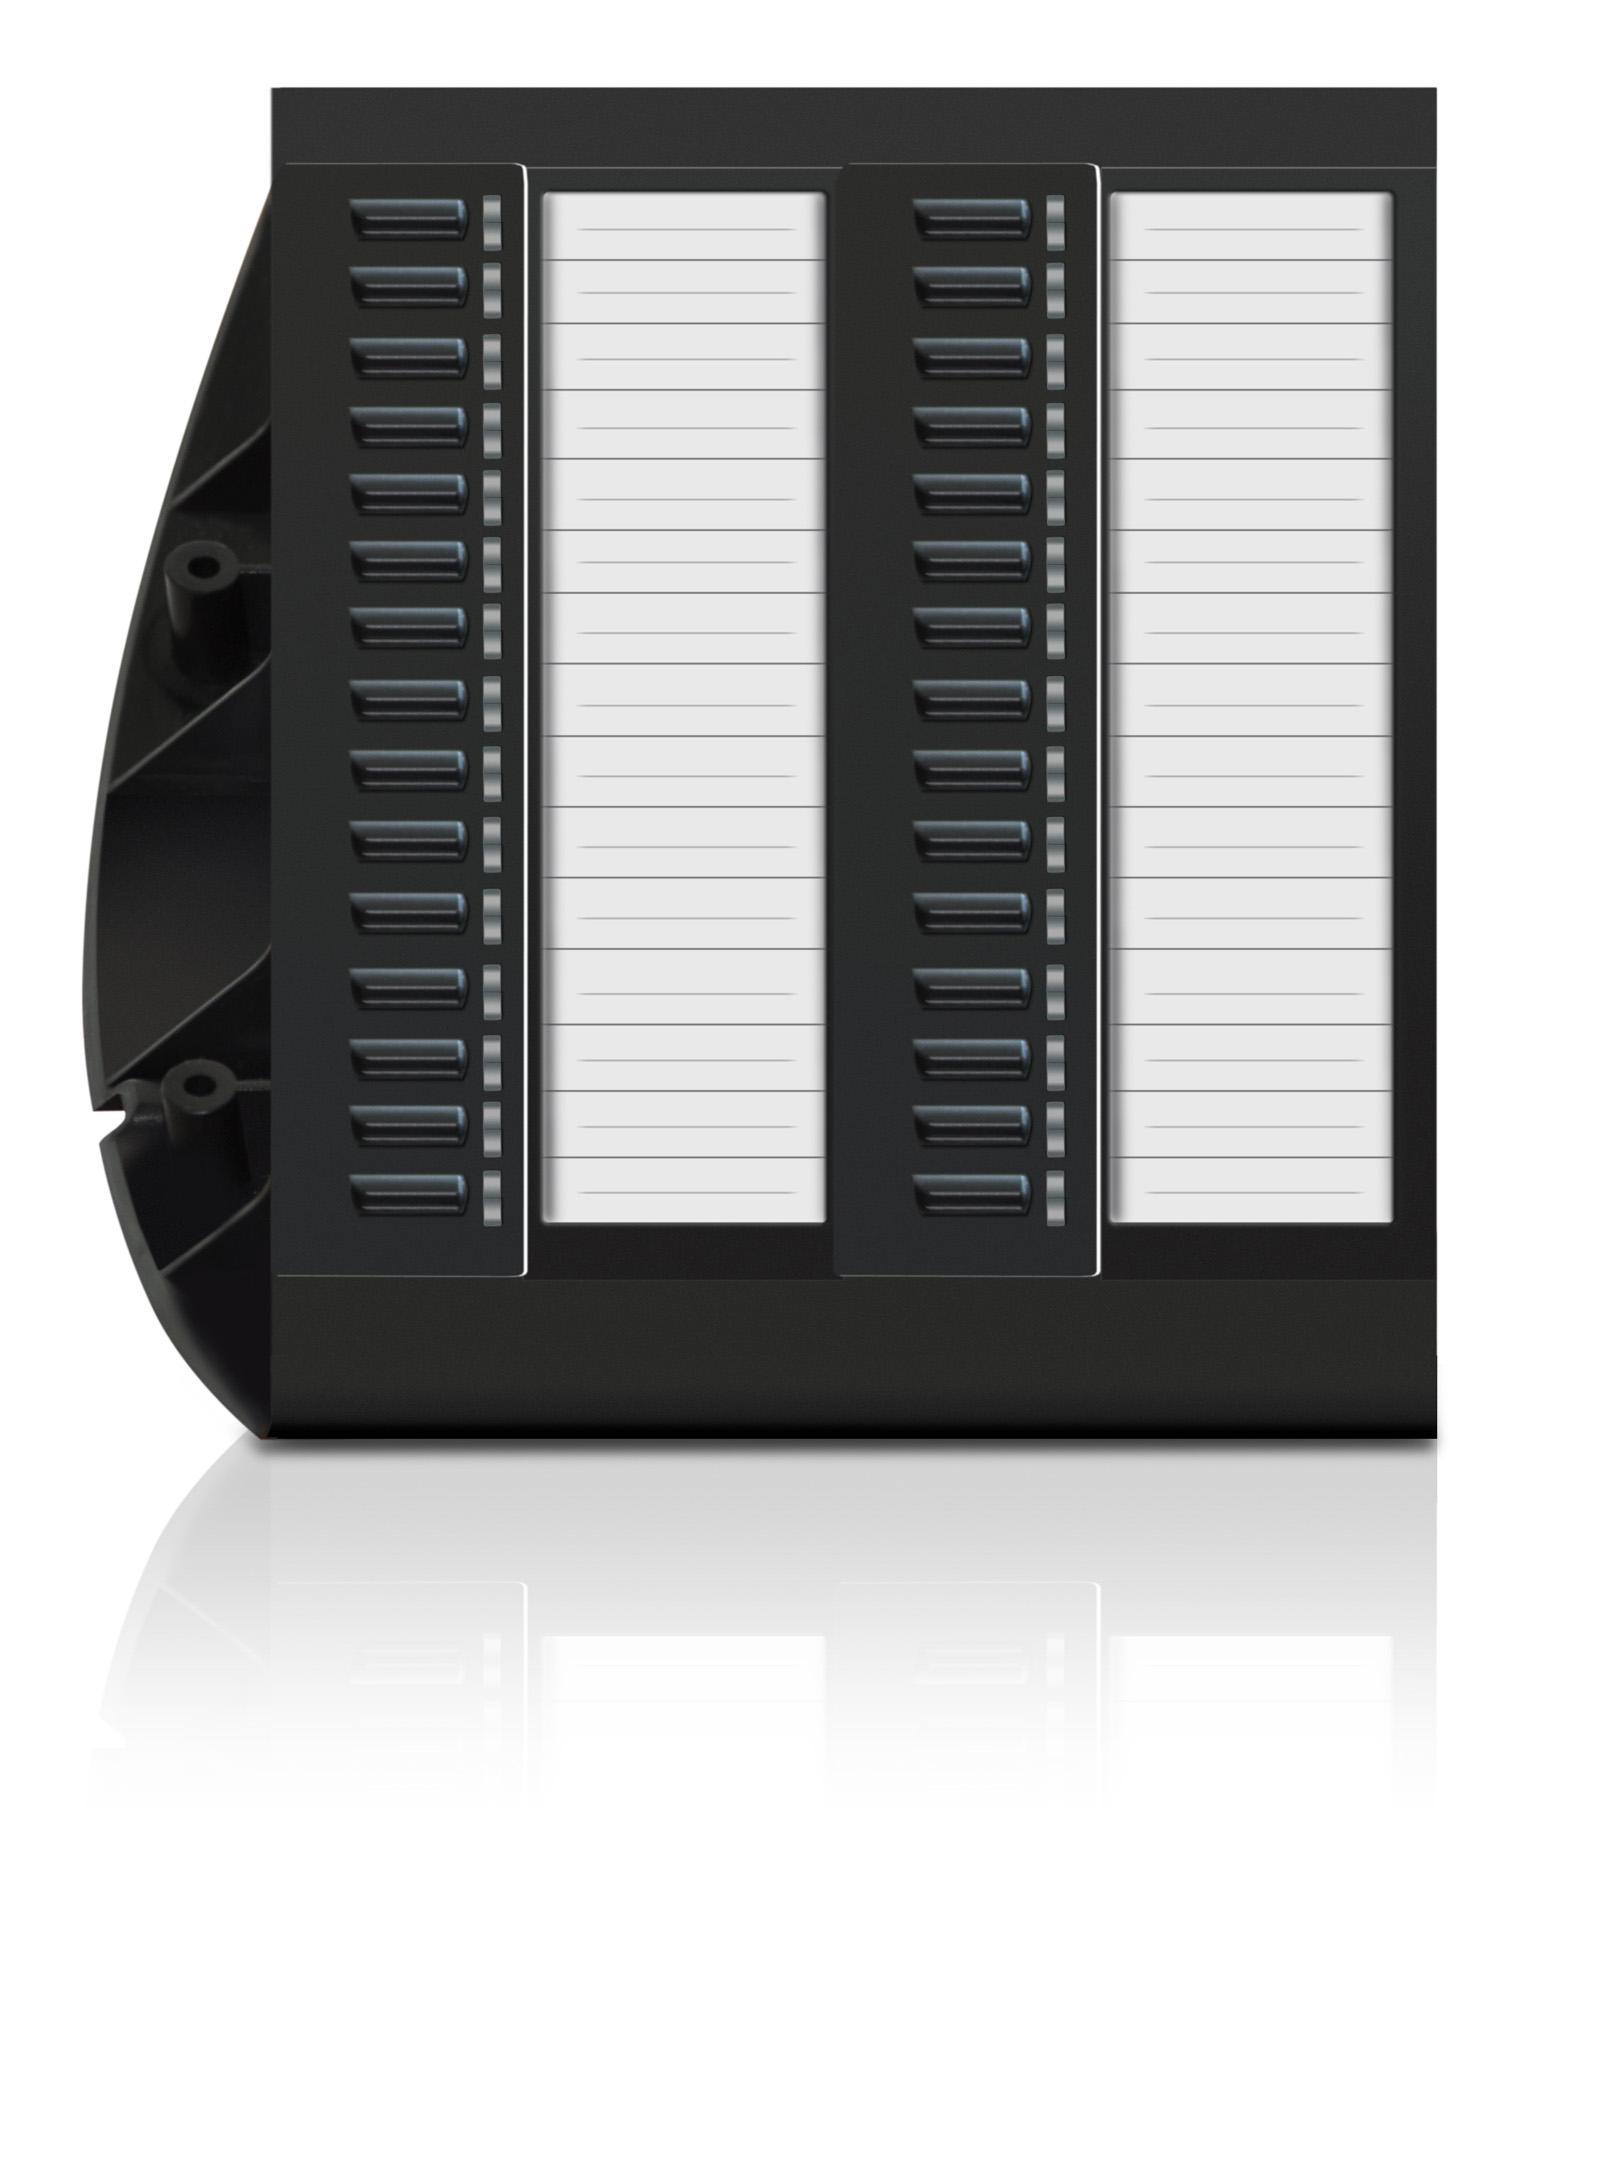 bintec-elmeg T500